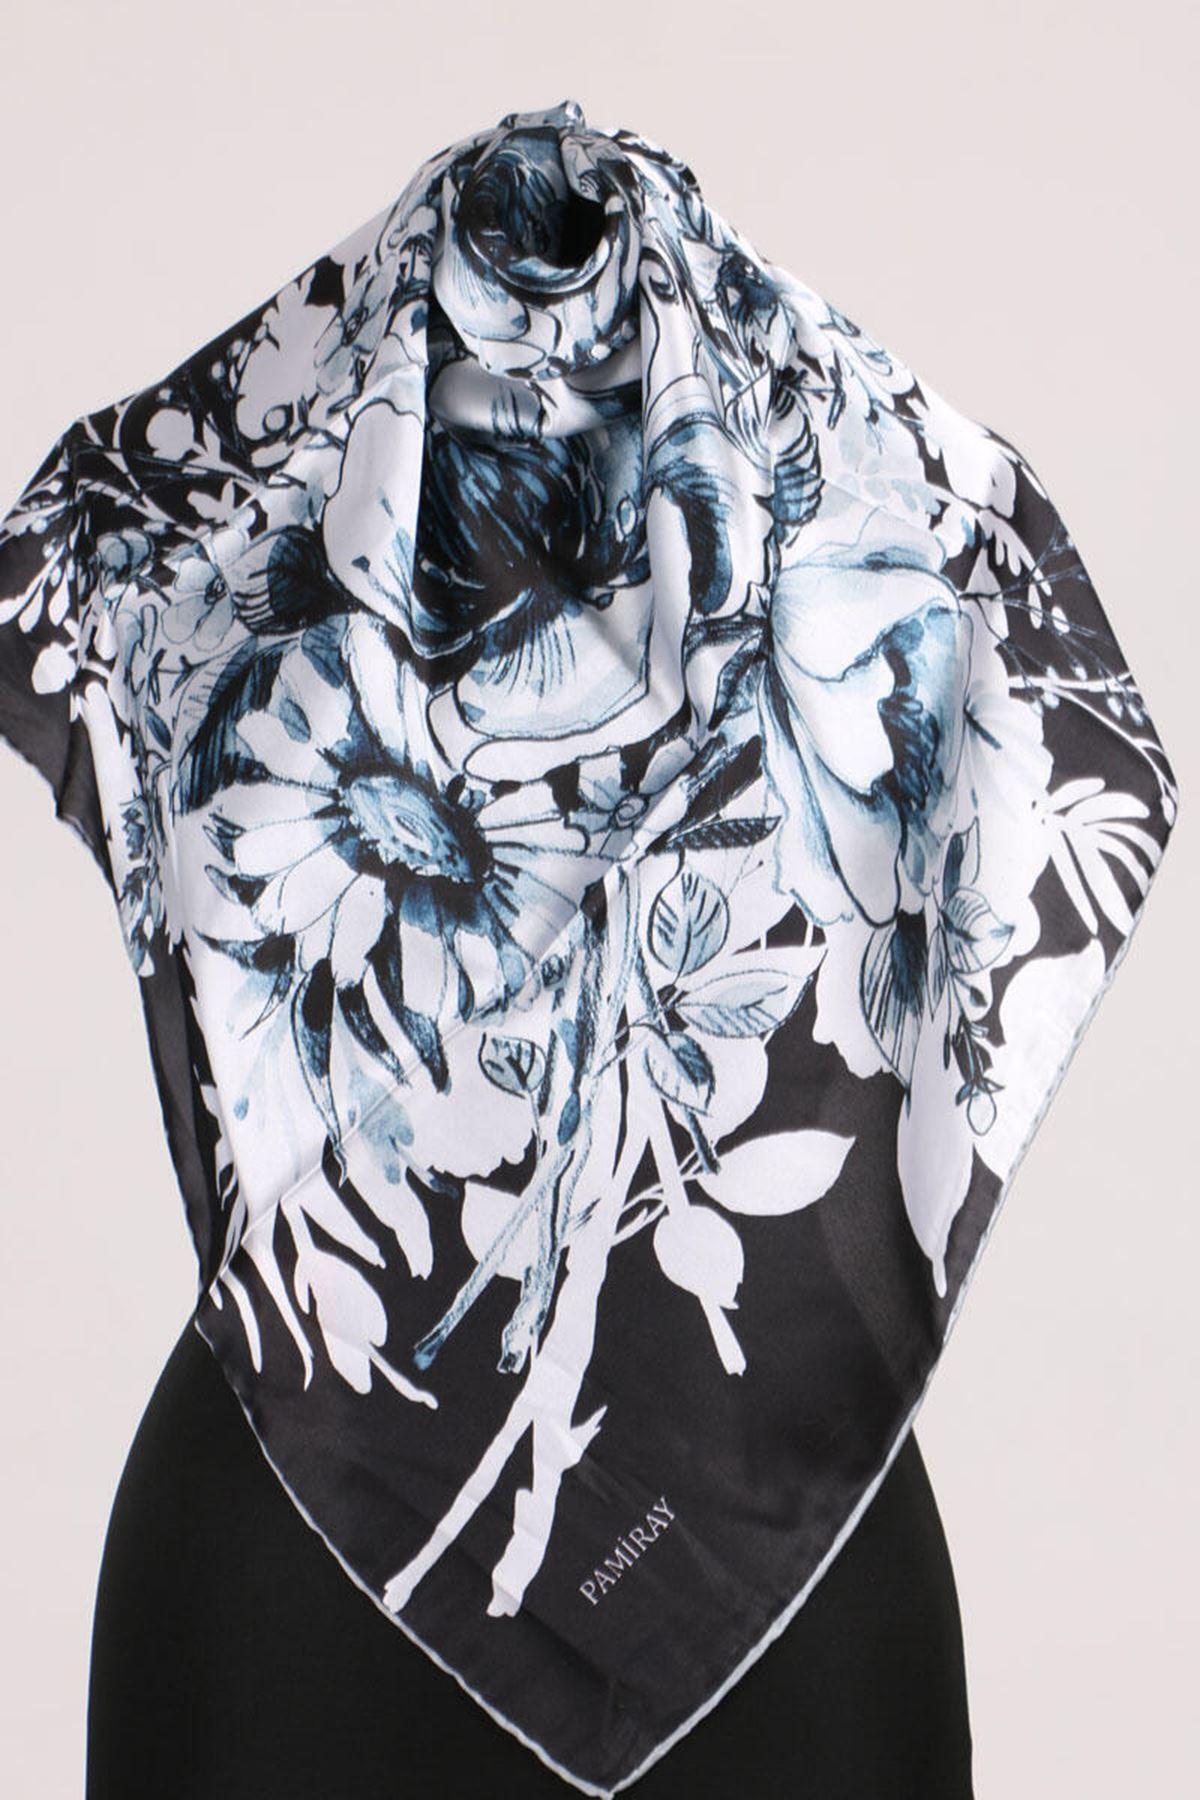 17163 Çiçek Desenli Twill Eşarp - Mavi-Siyah